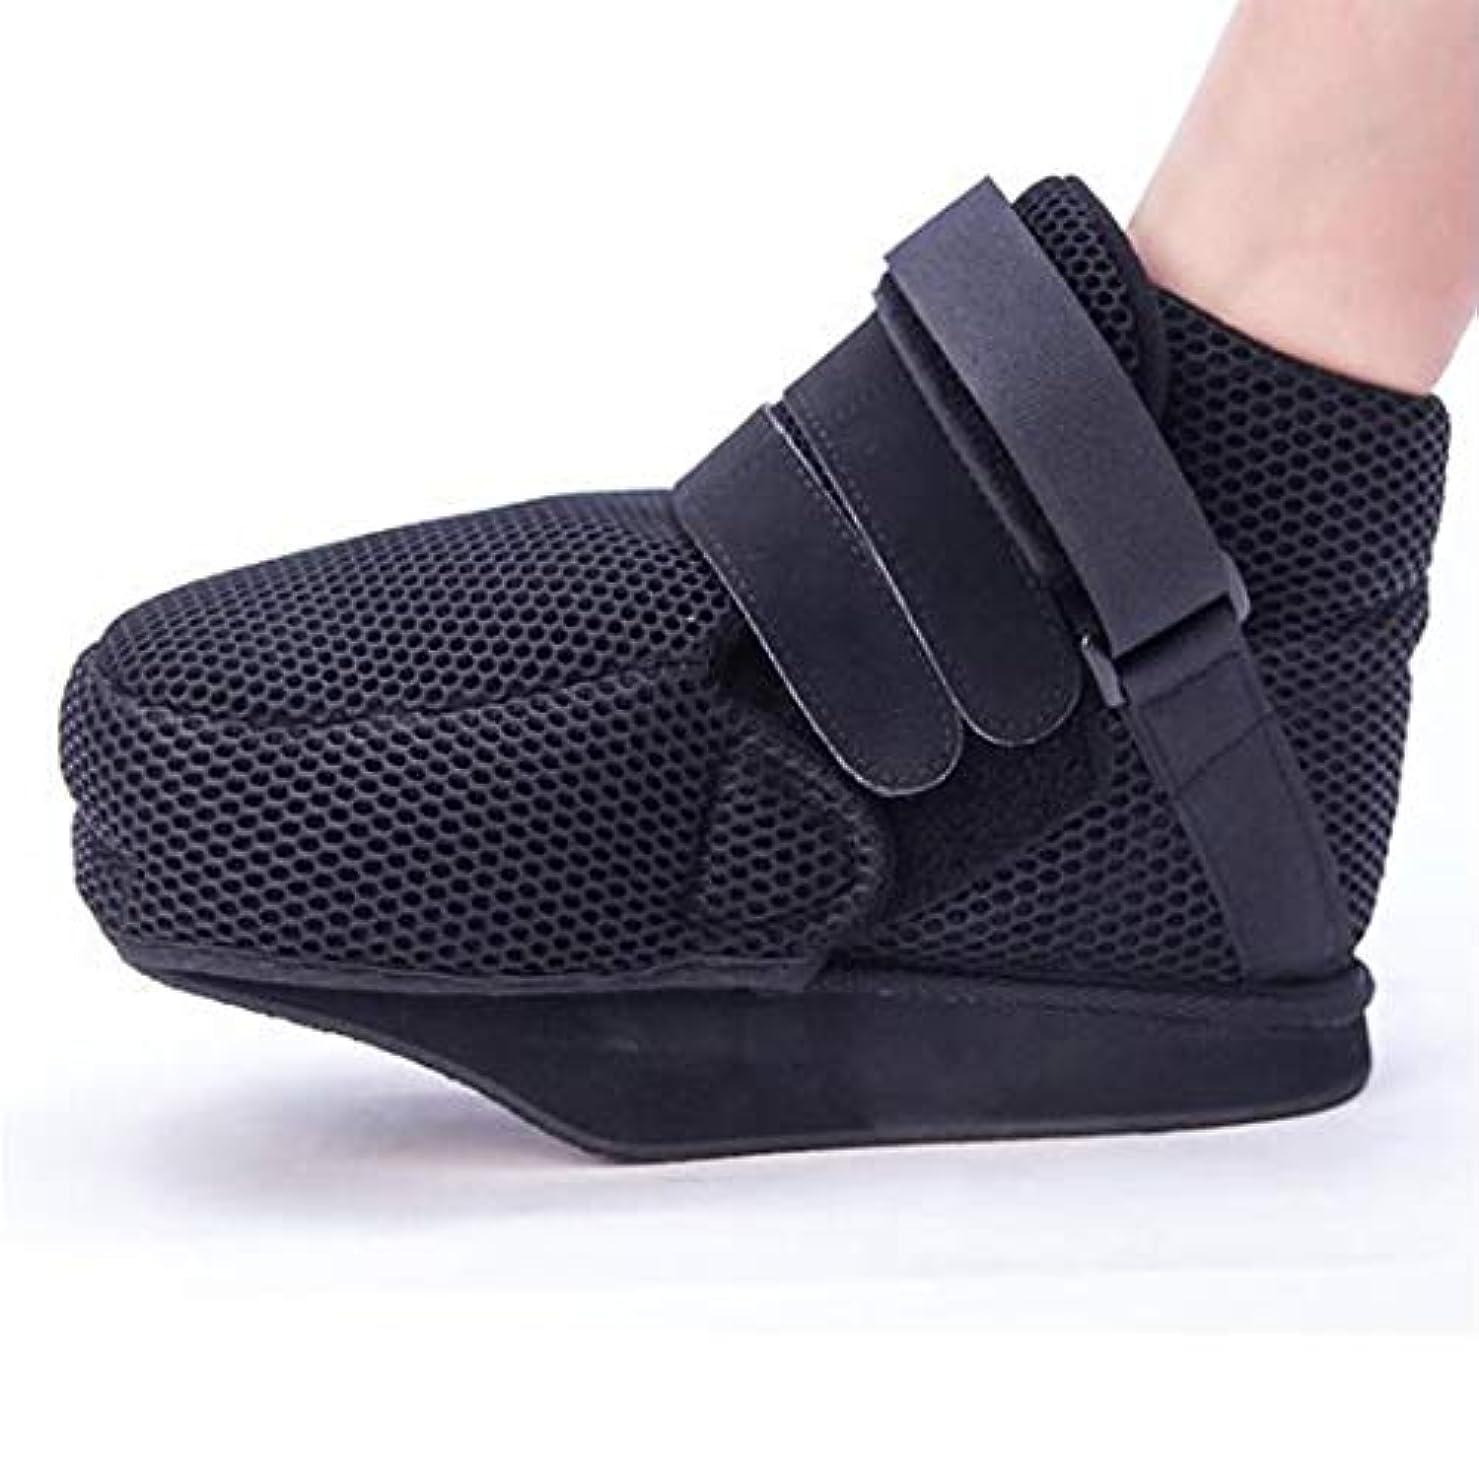 巻き取り遮る舗装する医療足骨折石膏の回復靴の手術後のつま先の靴を安定化骨折の靴を調整可能なファスナーで完全なカバー,S24cm